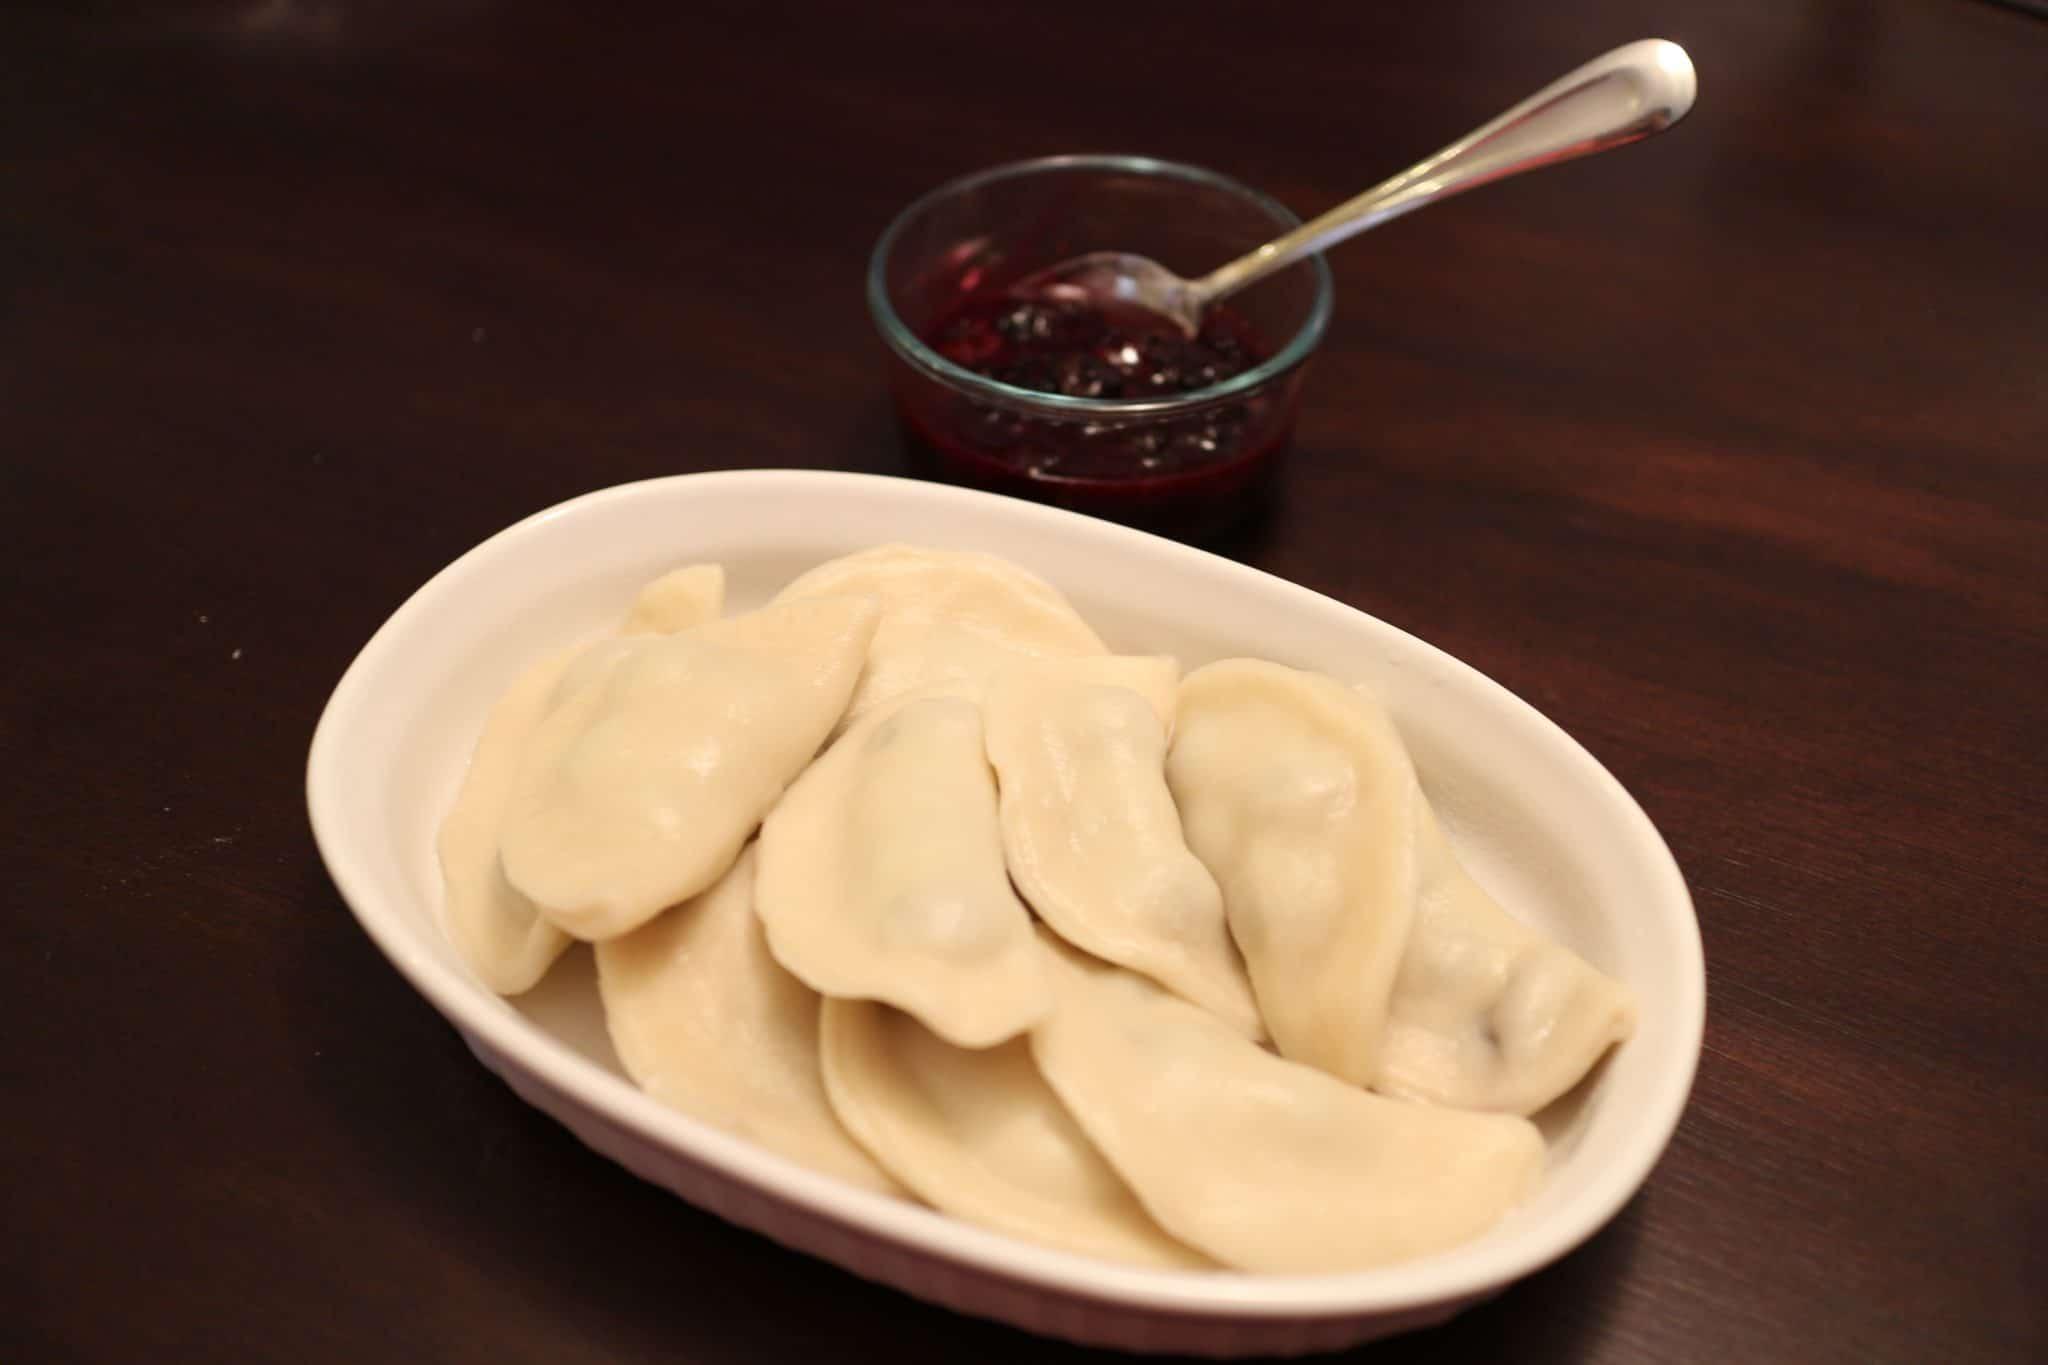 polish dumplings recipe, polish dumplings with meat